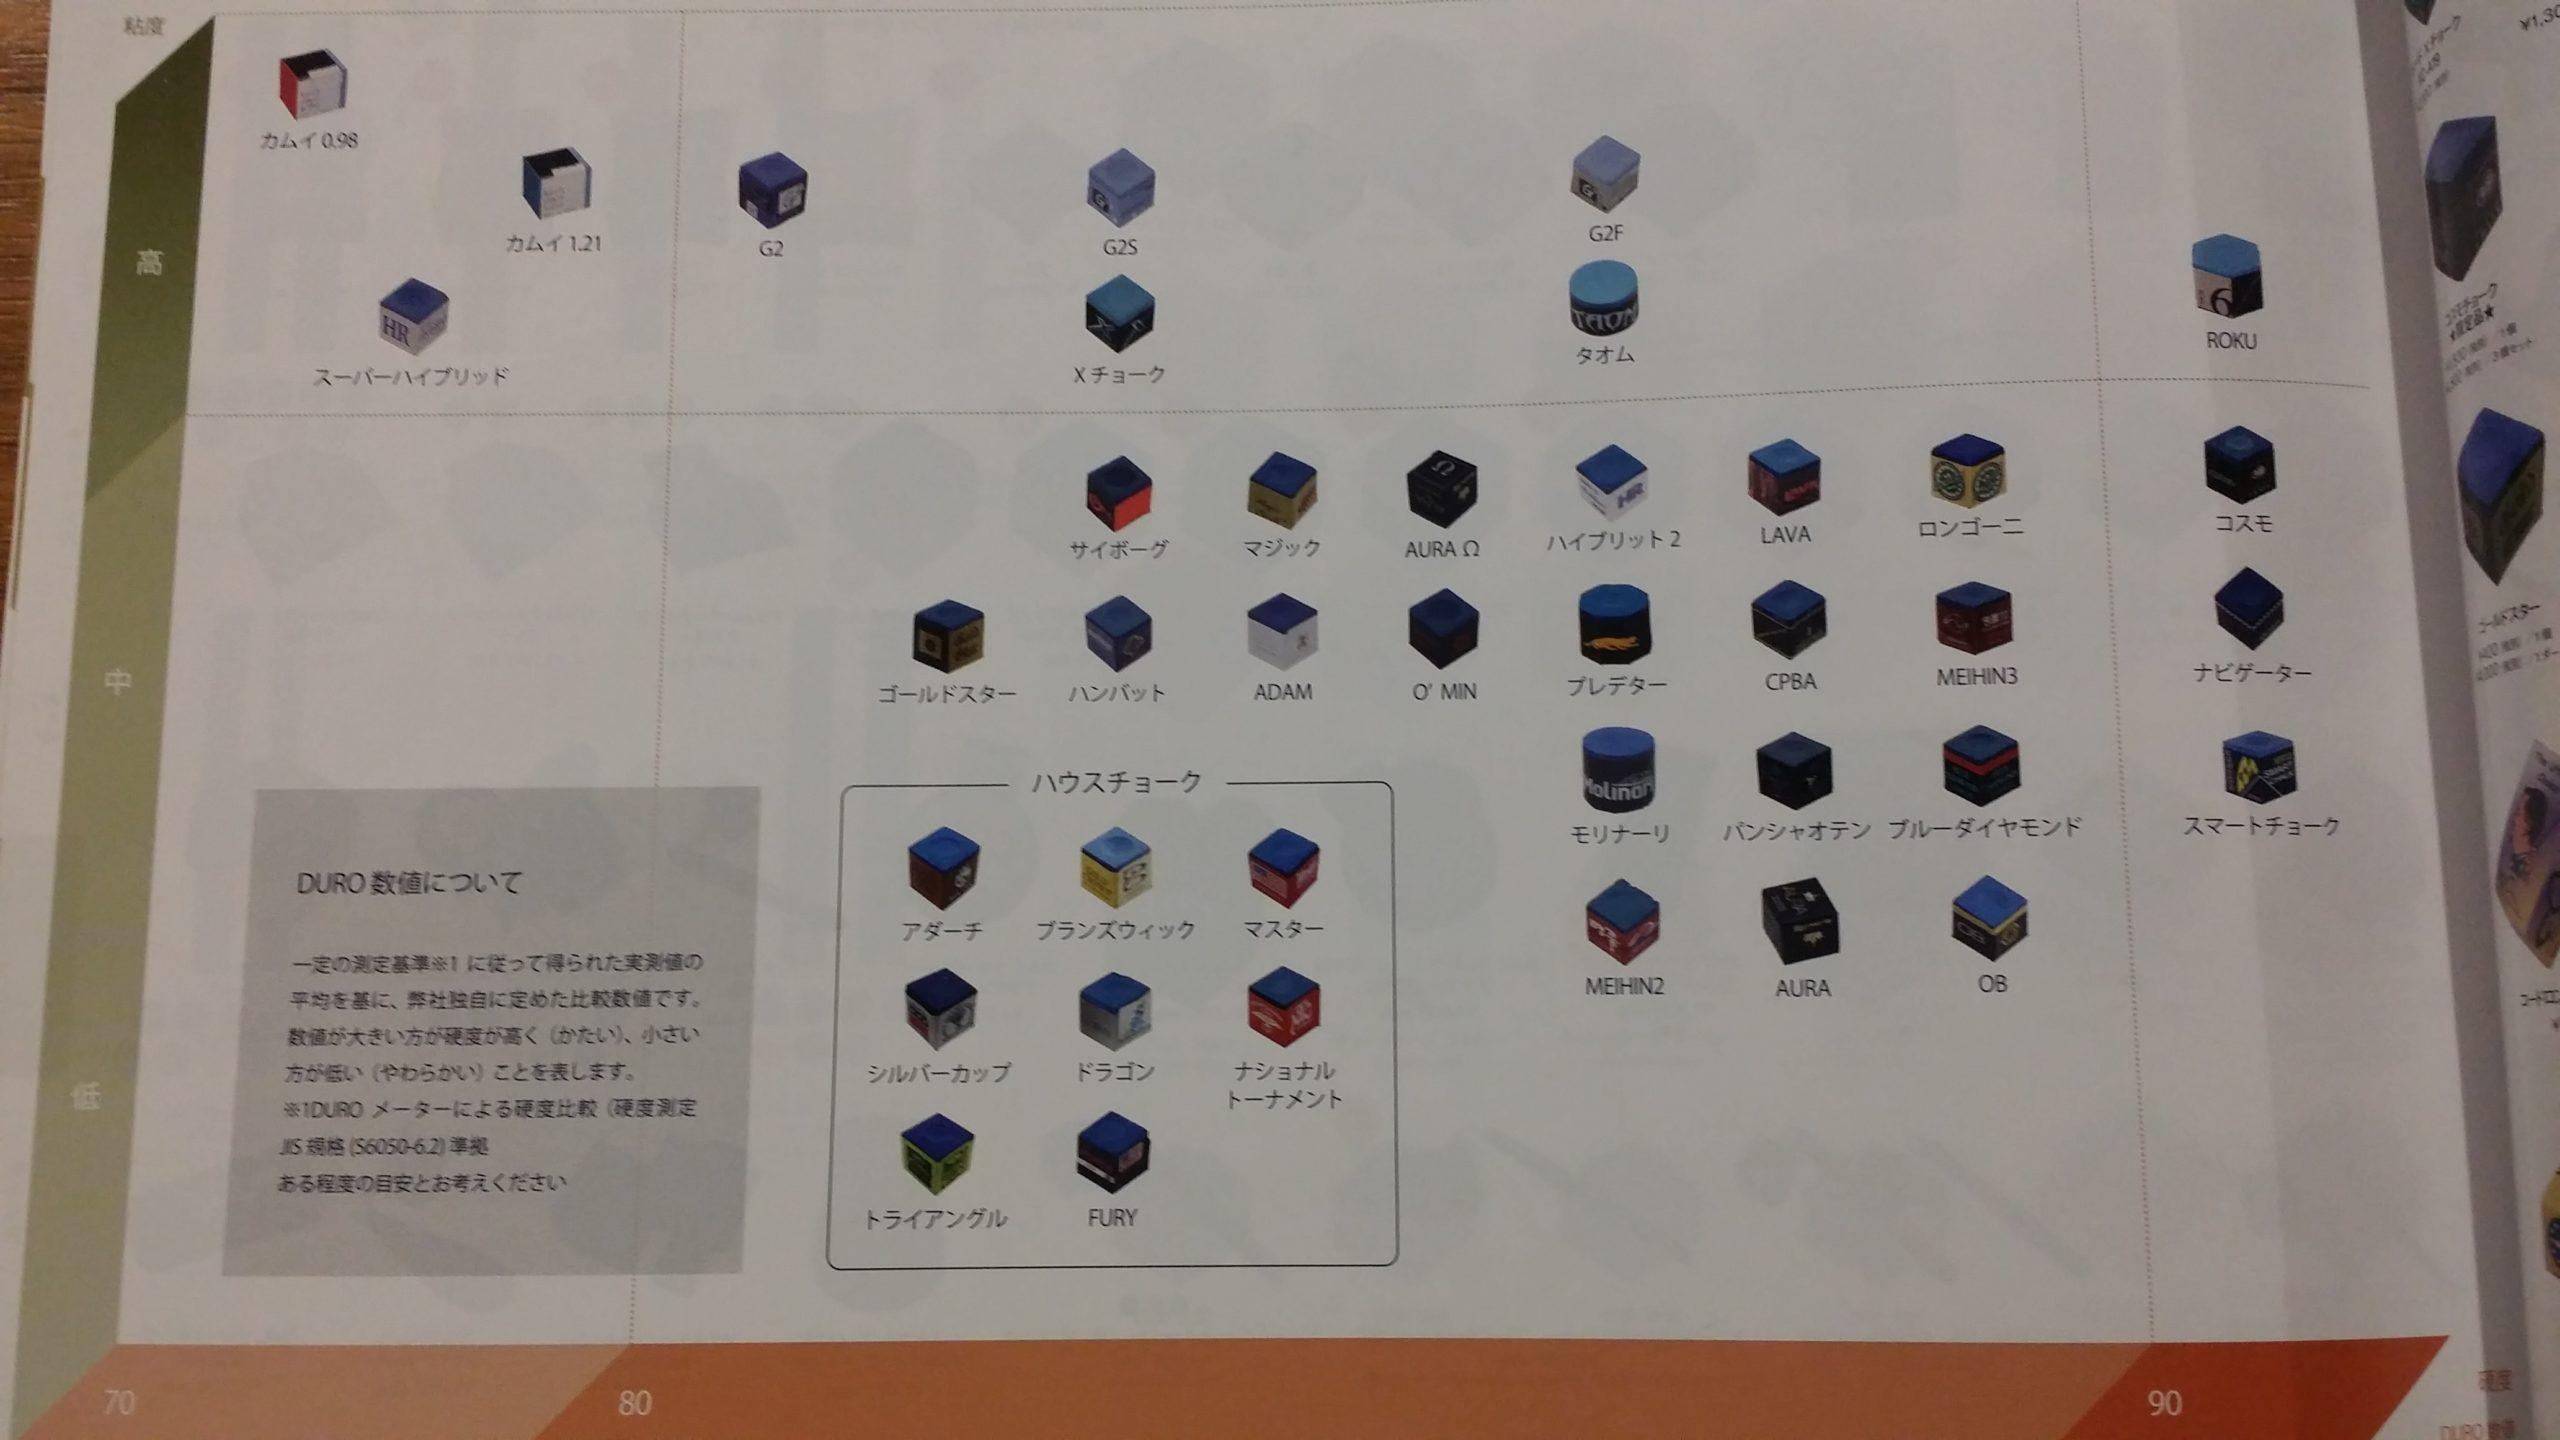 ビリヤードチョークの硬度と粘度の比較表